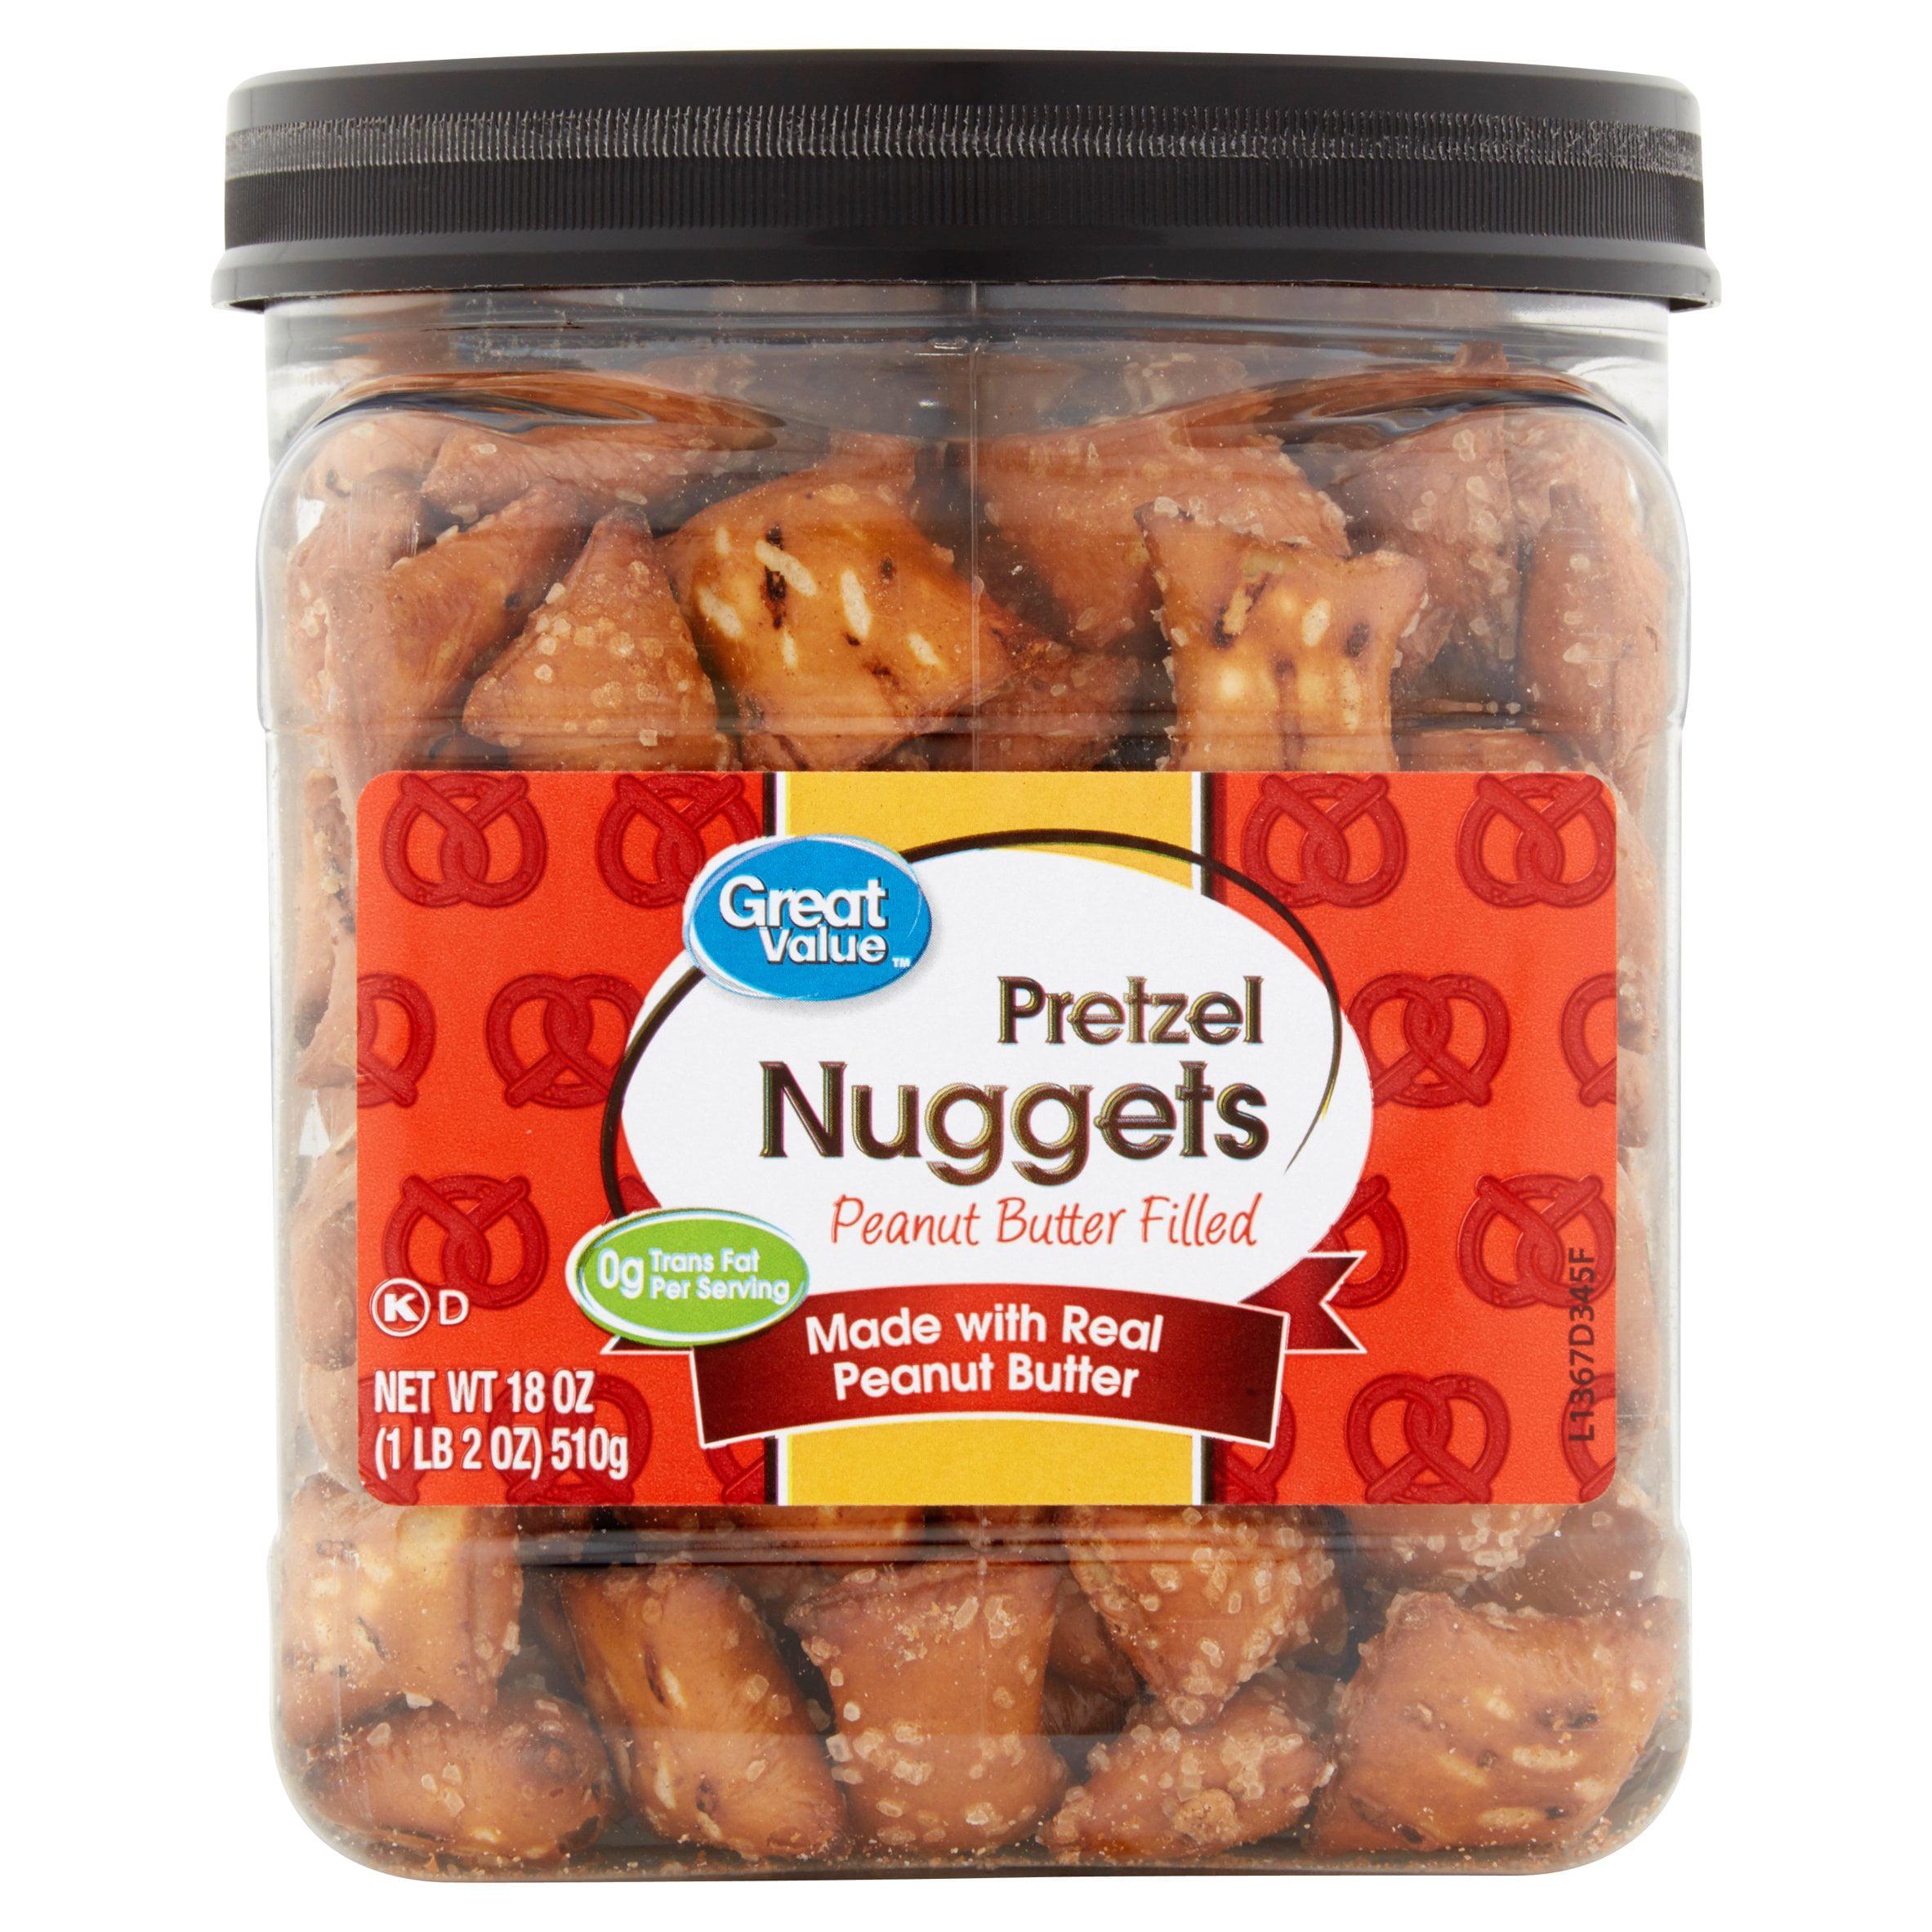 Great Value Peanut Butter Filled Pretzel Nuggets, 18 Oz.